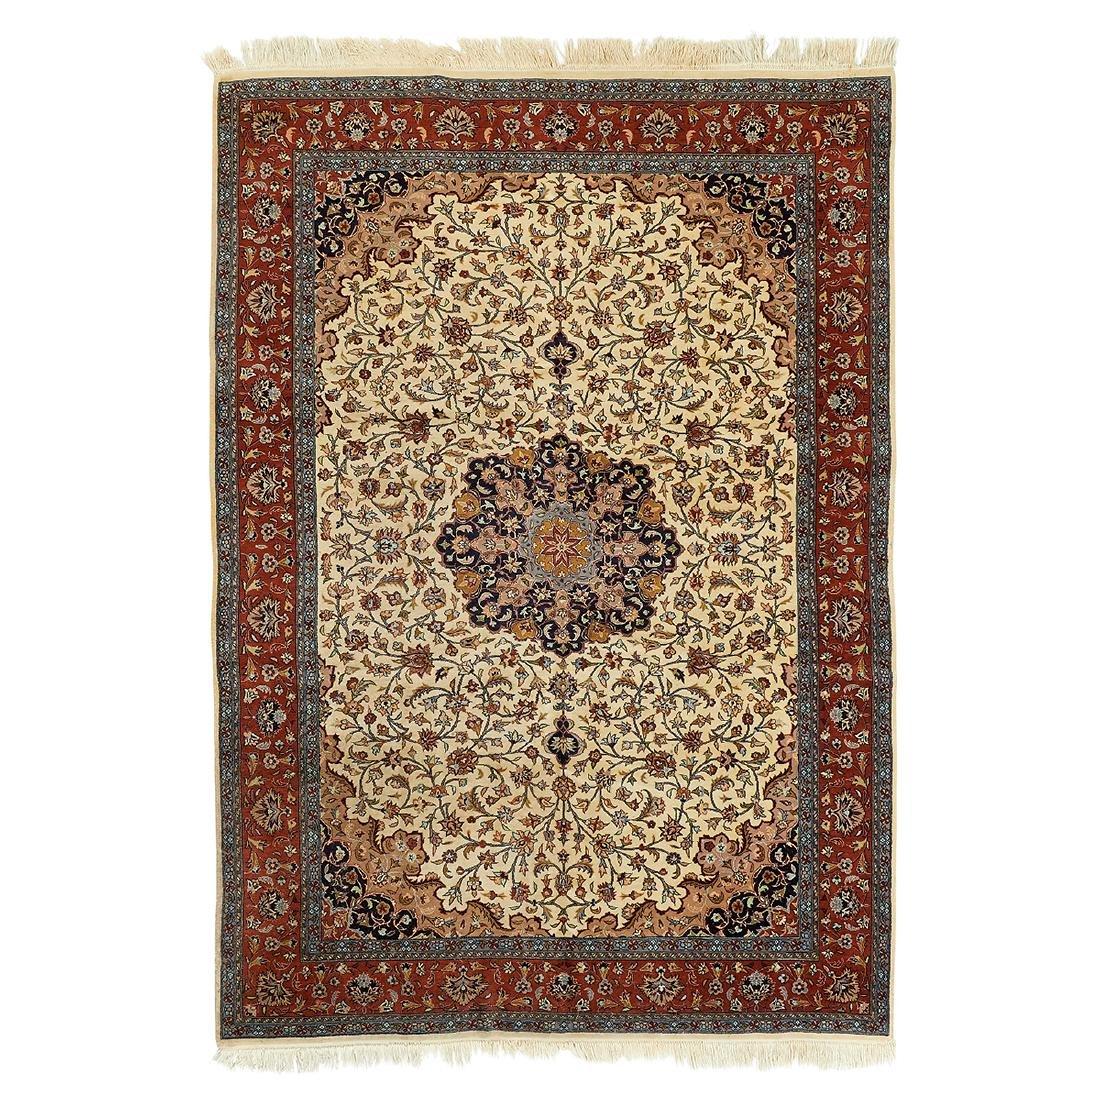 Persian Isfahan area rug